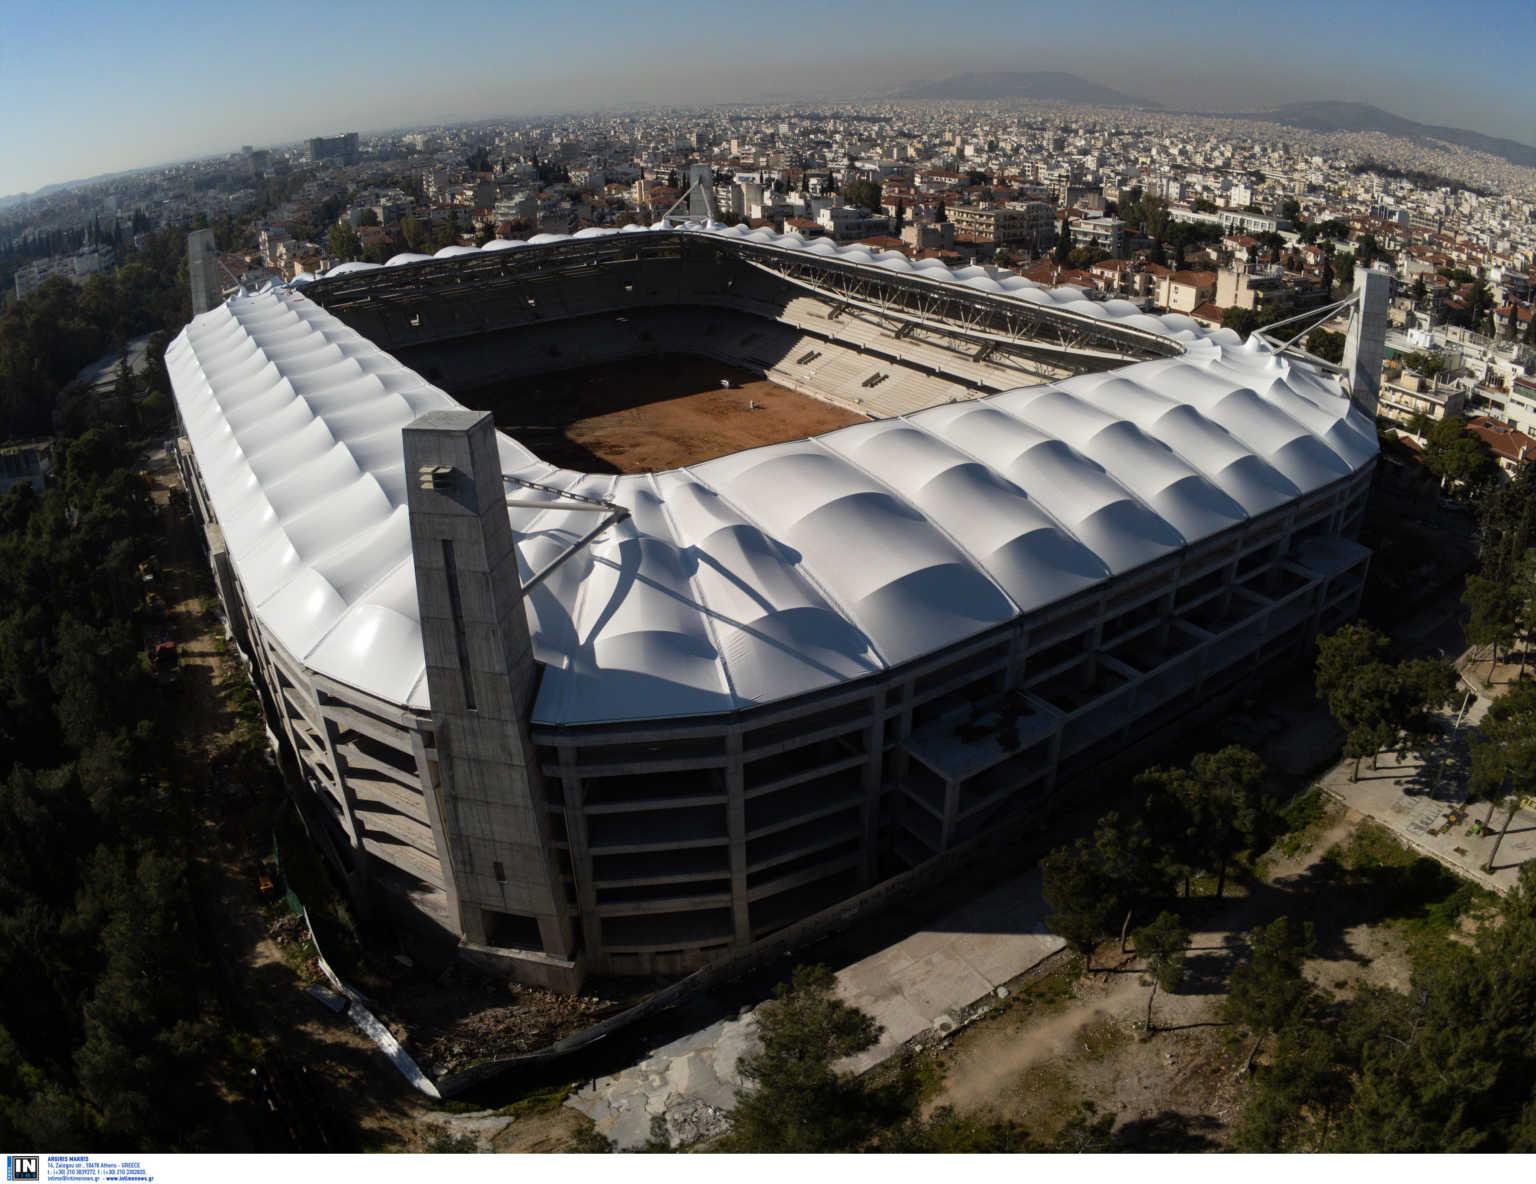 Γήπεδο ΑΕΚ: Πρόβλημα για την «Αγια – Σοφιά», σταματάει η υπογειοποίηση